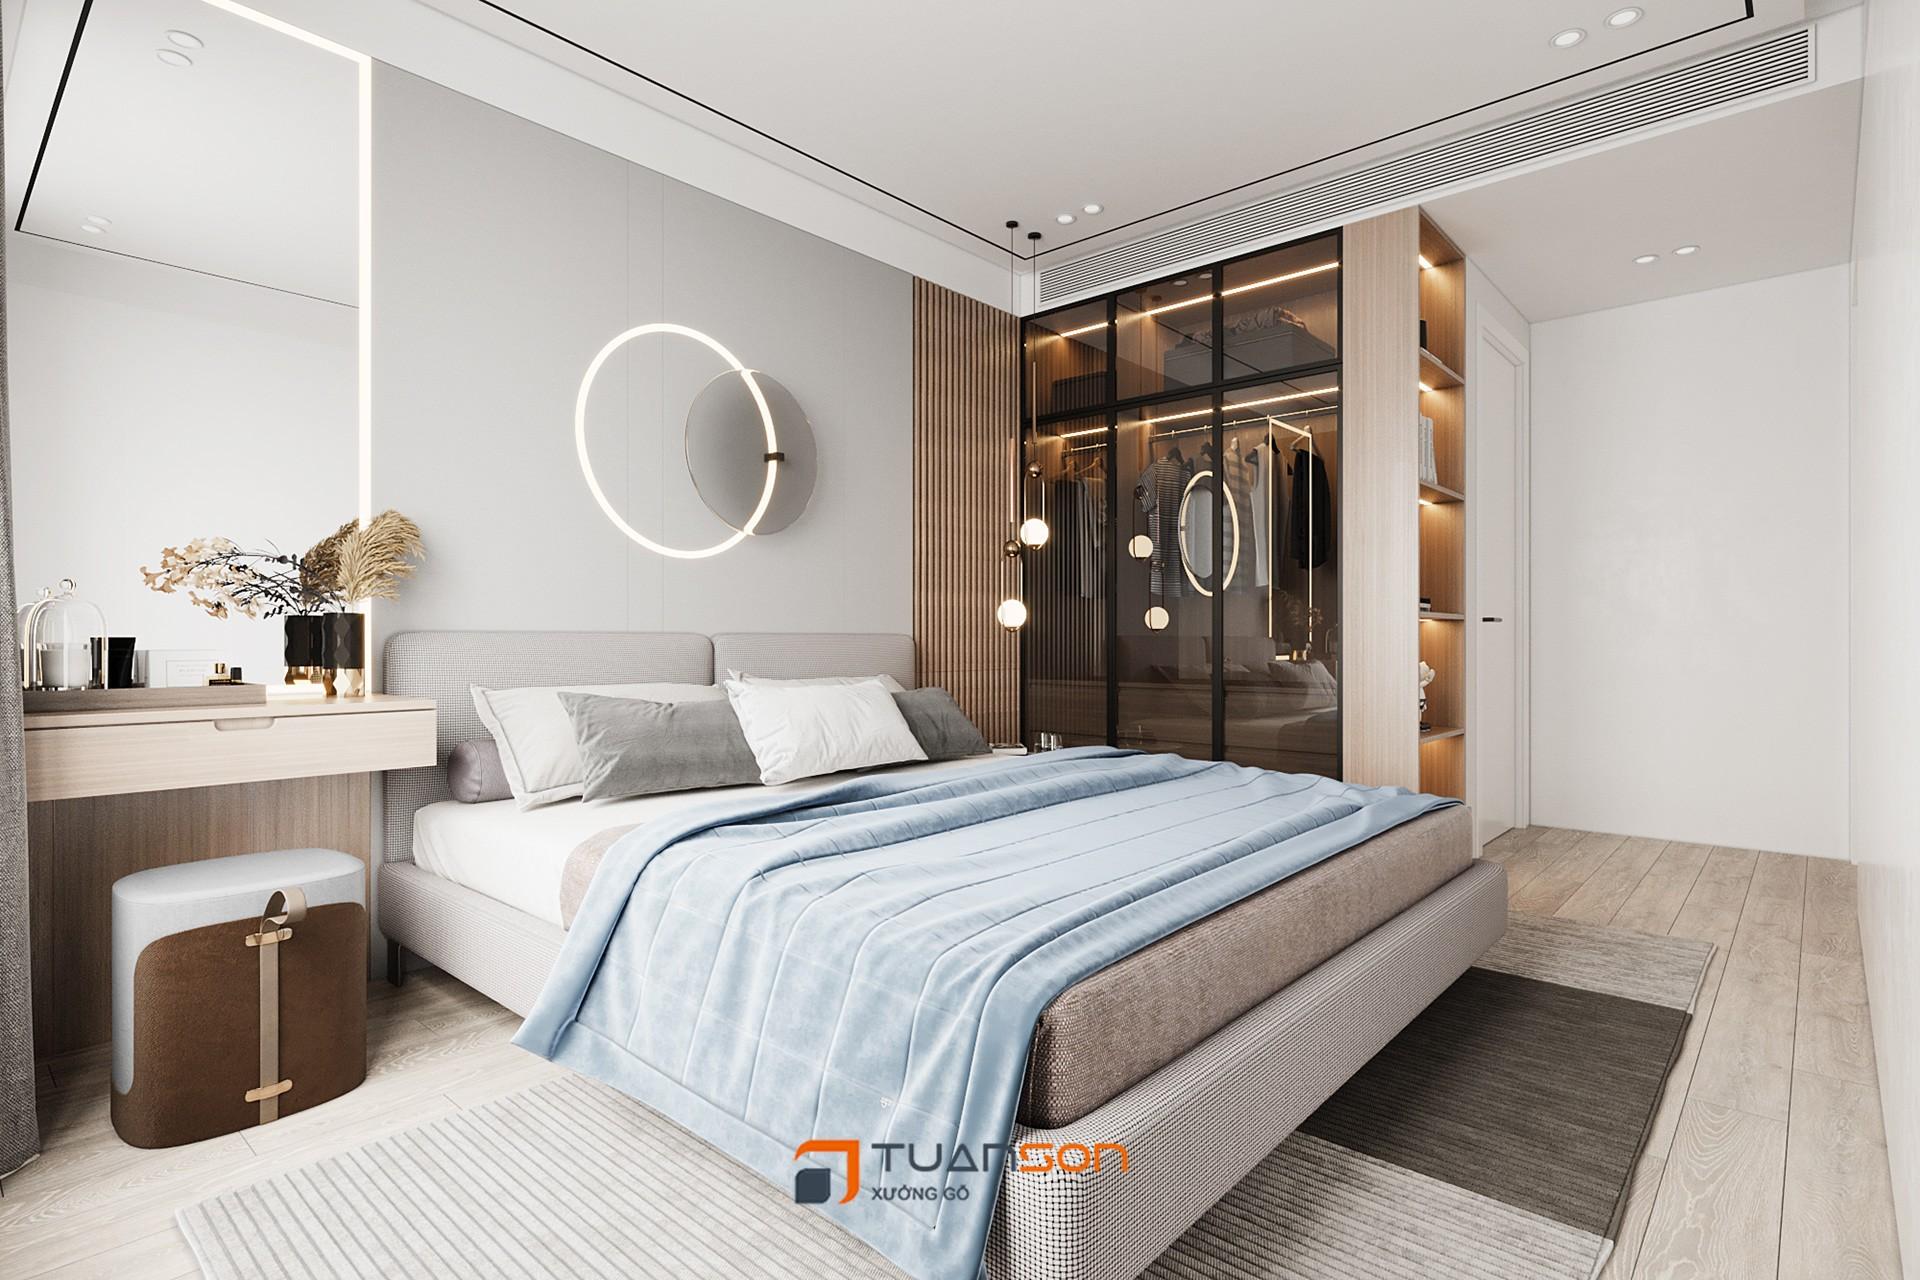 Thiết kế phòng ngủ phong cách Scandinavian (Bắc Âu) tinh tế